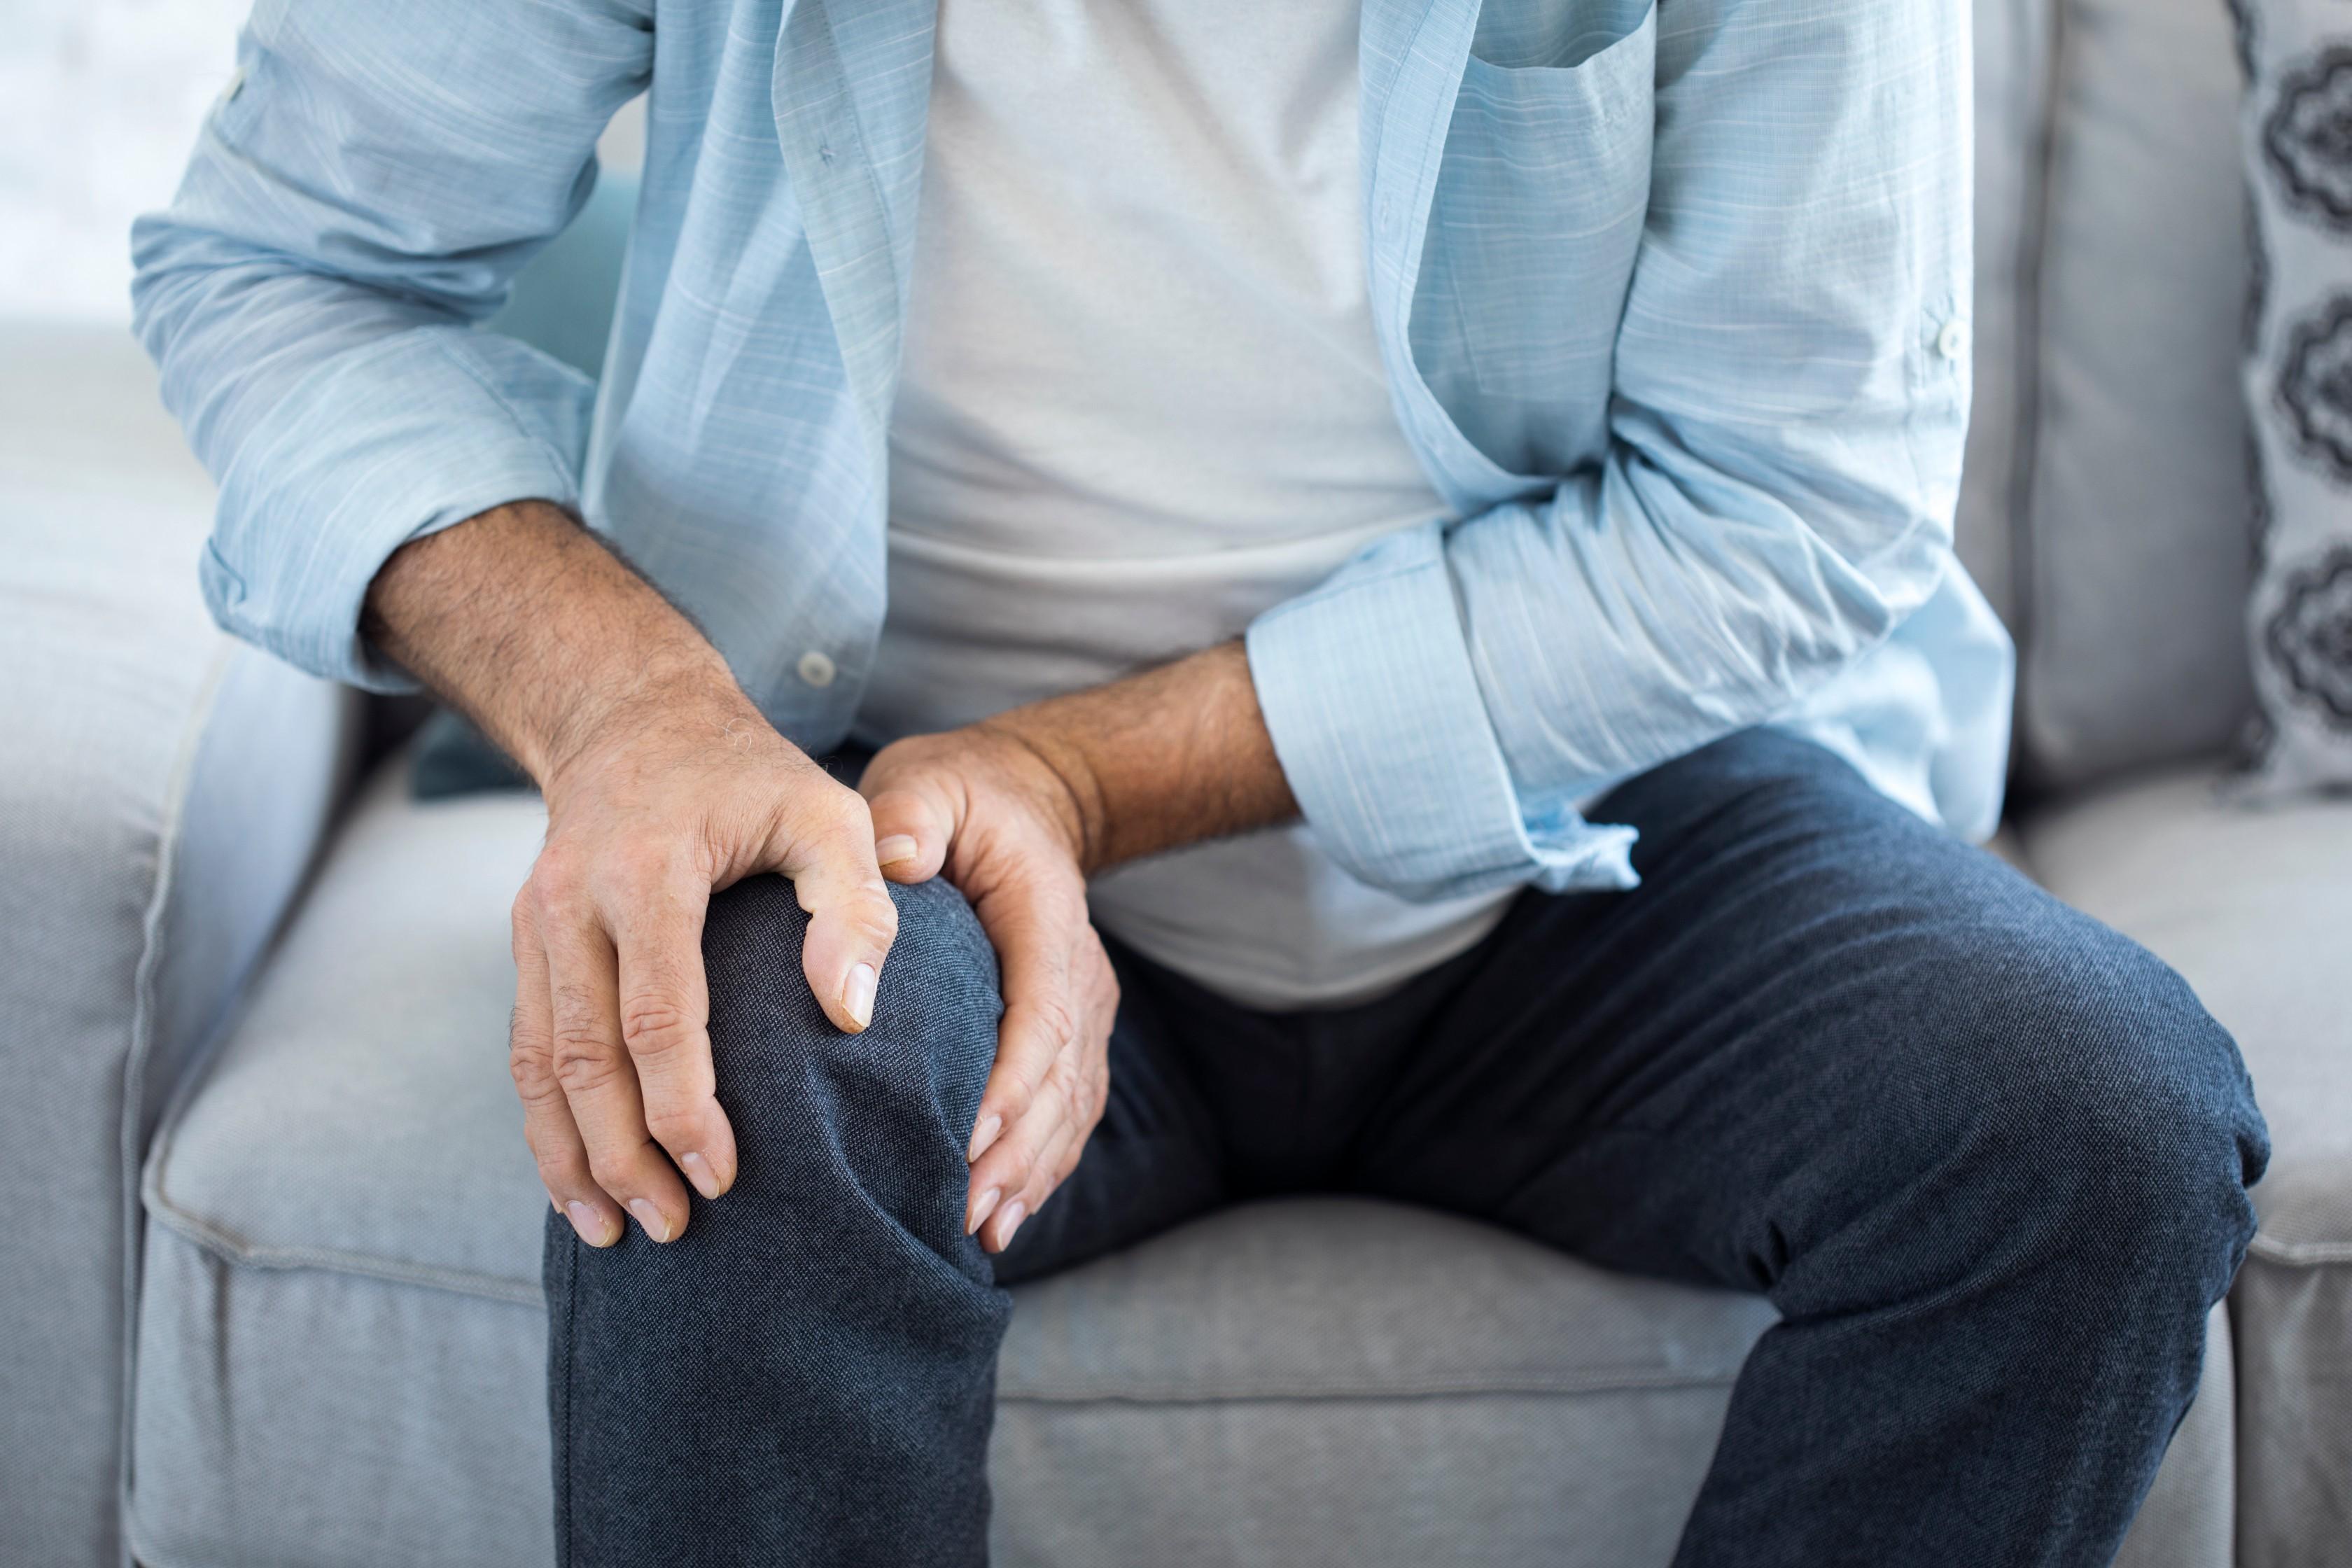 az ízületek fájdalmának és ropogásának okai ízületi és fájdalomcsillapító tabletták